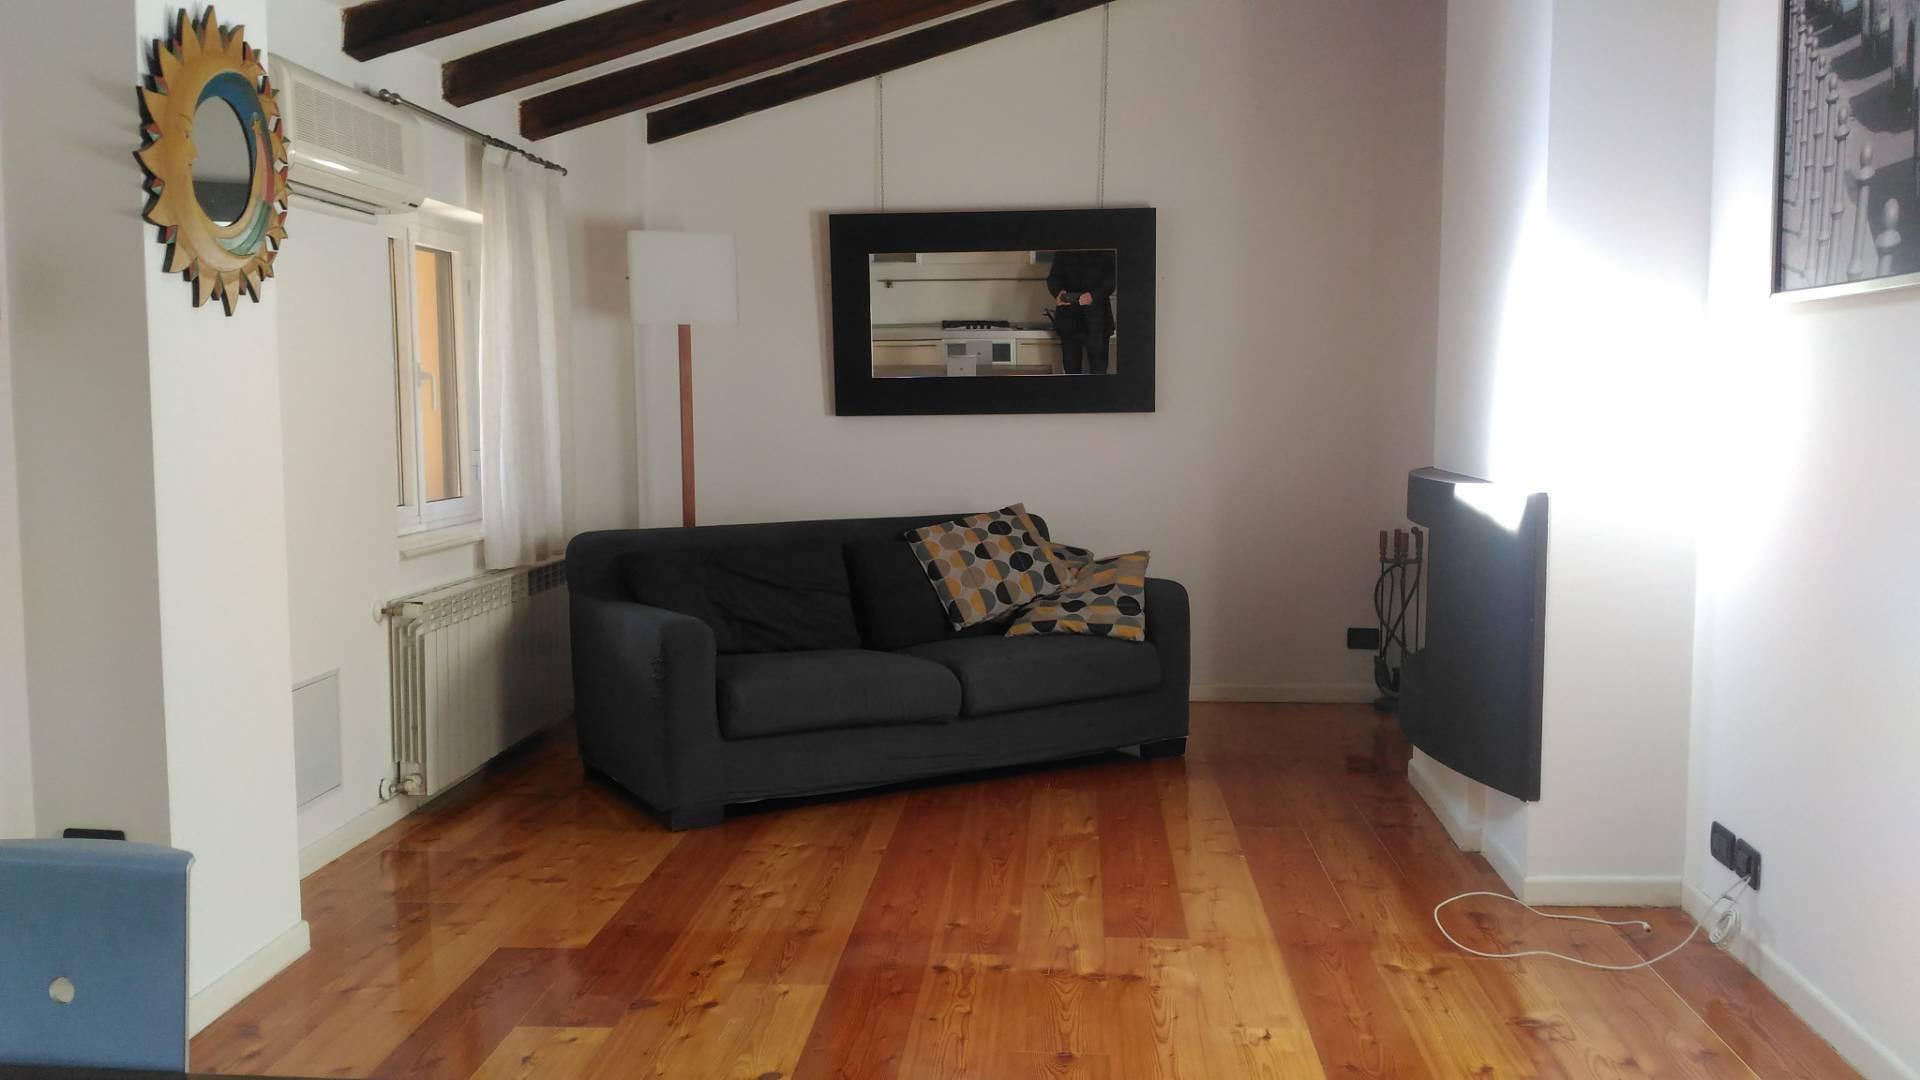 Appartamento in vendita a Tavagnacco, 2 locali, prezzo € 76.000 | CambioCasa.it